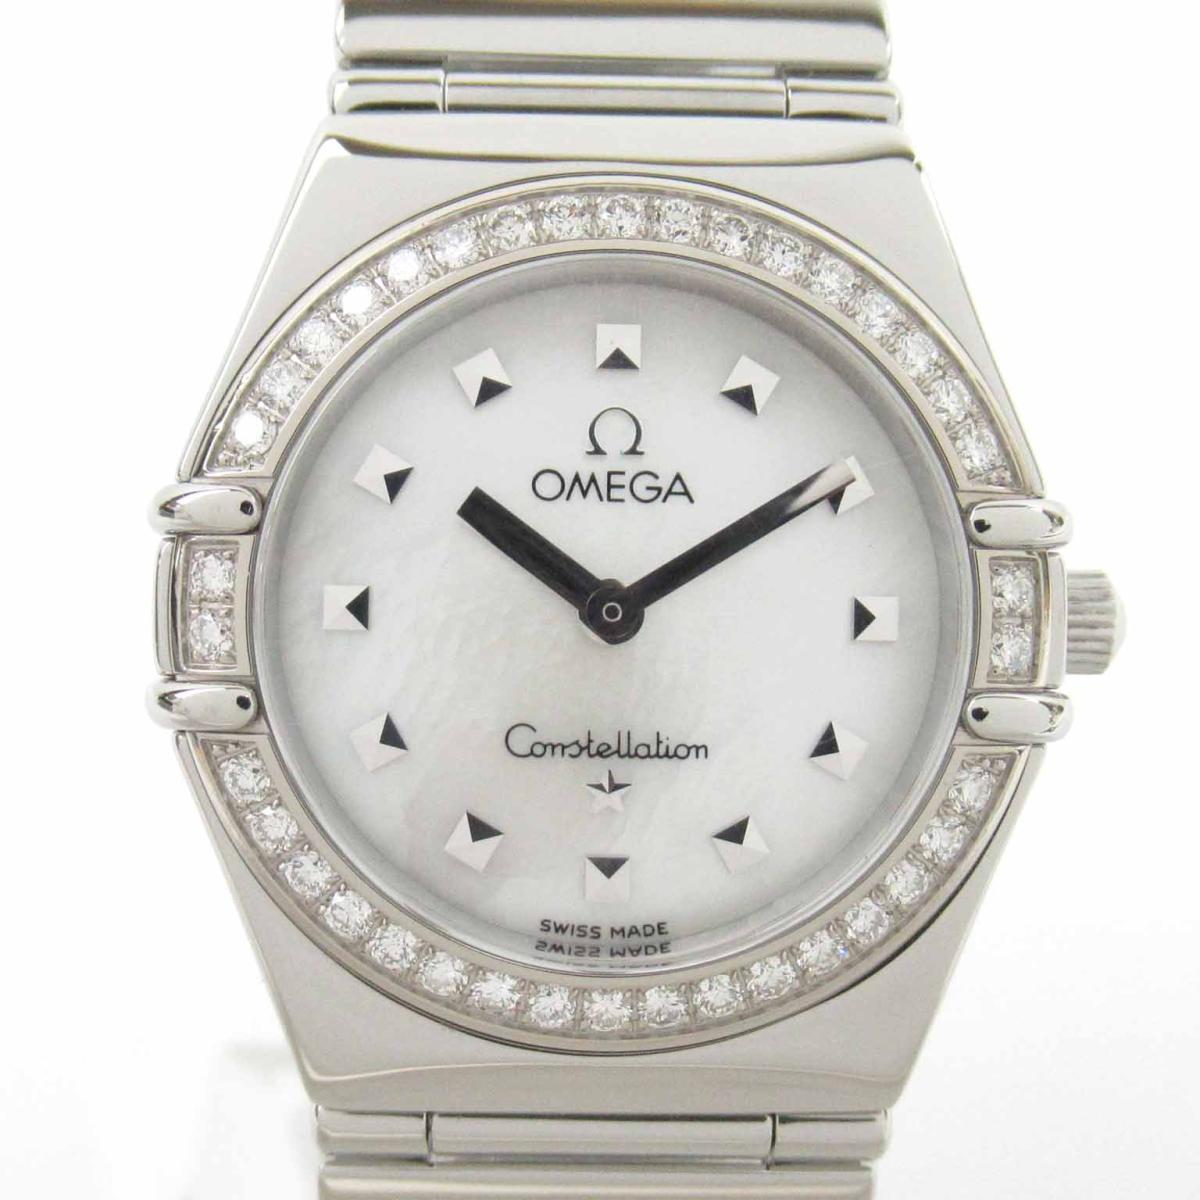 【中古】 オメガ コンステレーション ダイヤベゼル マイチョイス ウォッチ 腕時計 レディース ステンレススチール (SS) | OMEGA BRANDOFF ブランドオフ ブランド ブランド時計 ブランド腕時計 時計